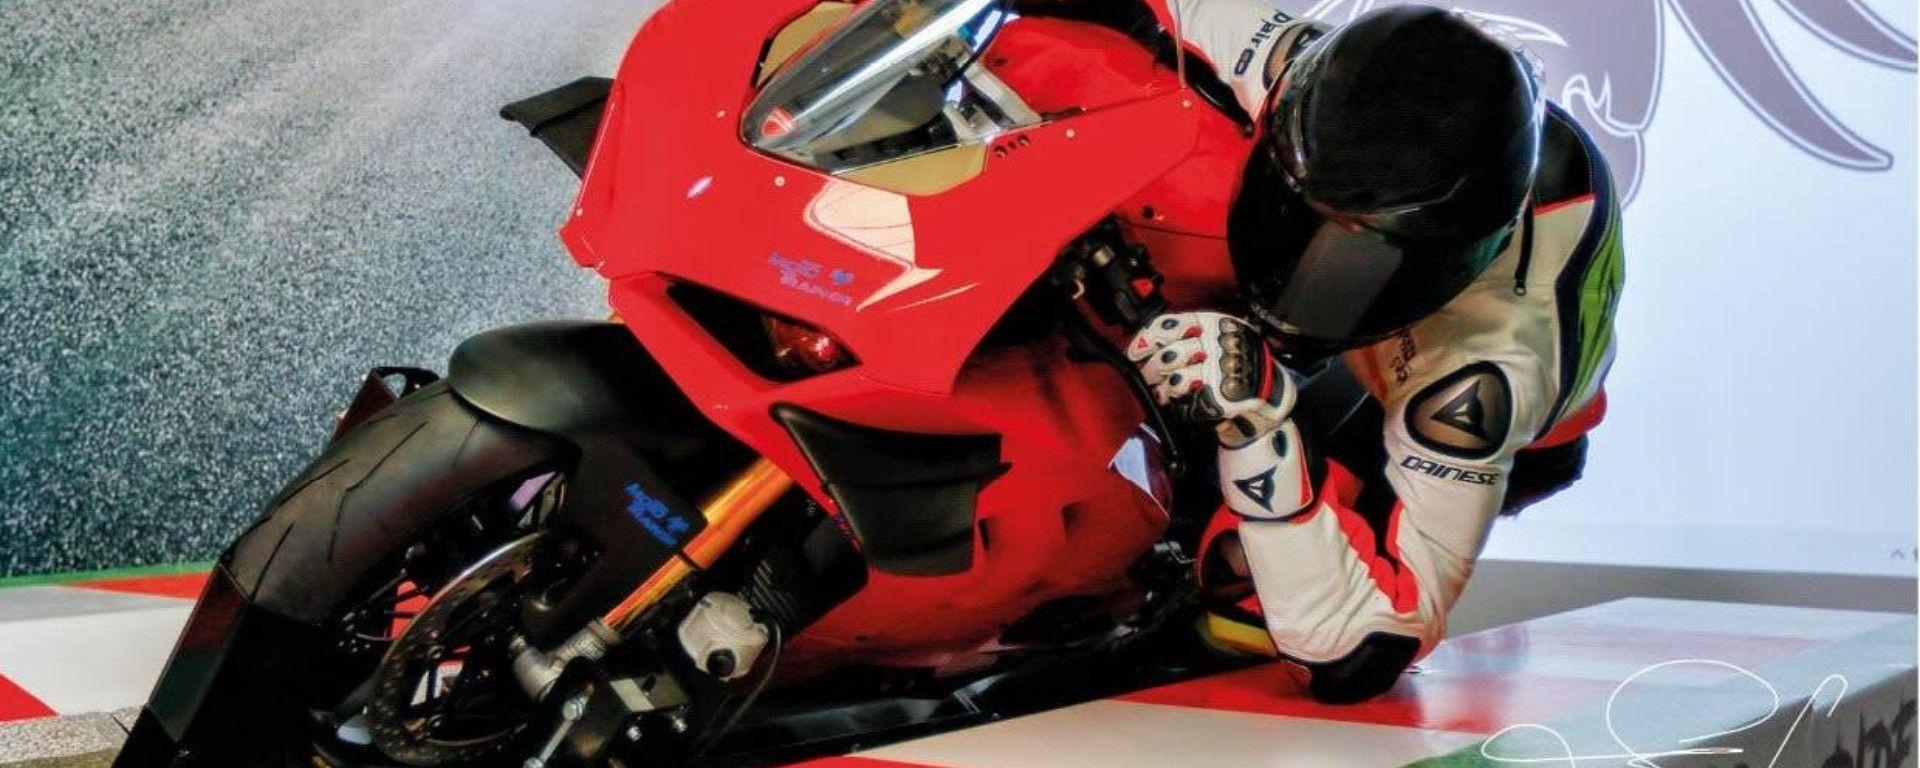 Il simulatore Moto Trainer è adatto per tutte le moto